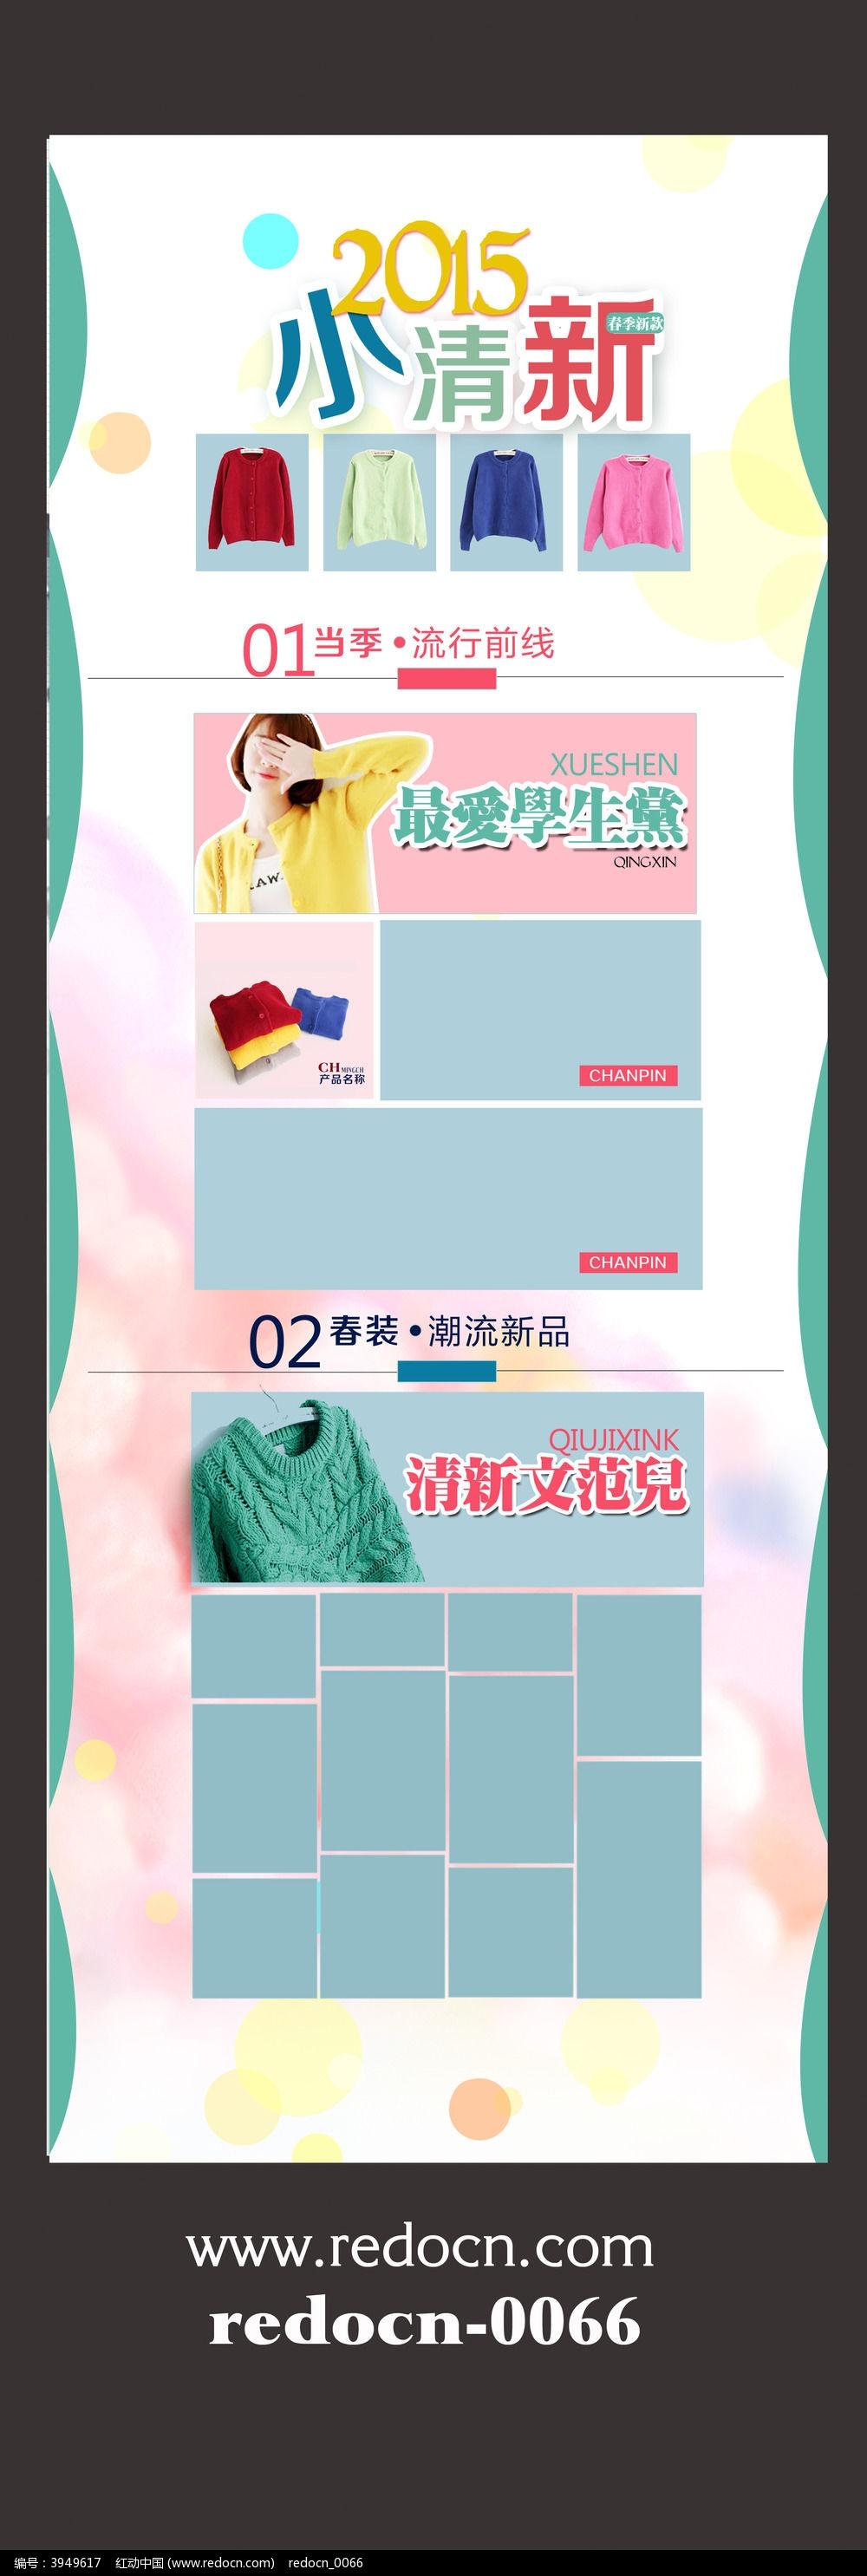 2015小清新春装新品上市网页装修模板